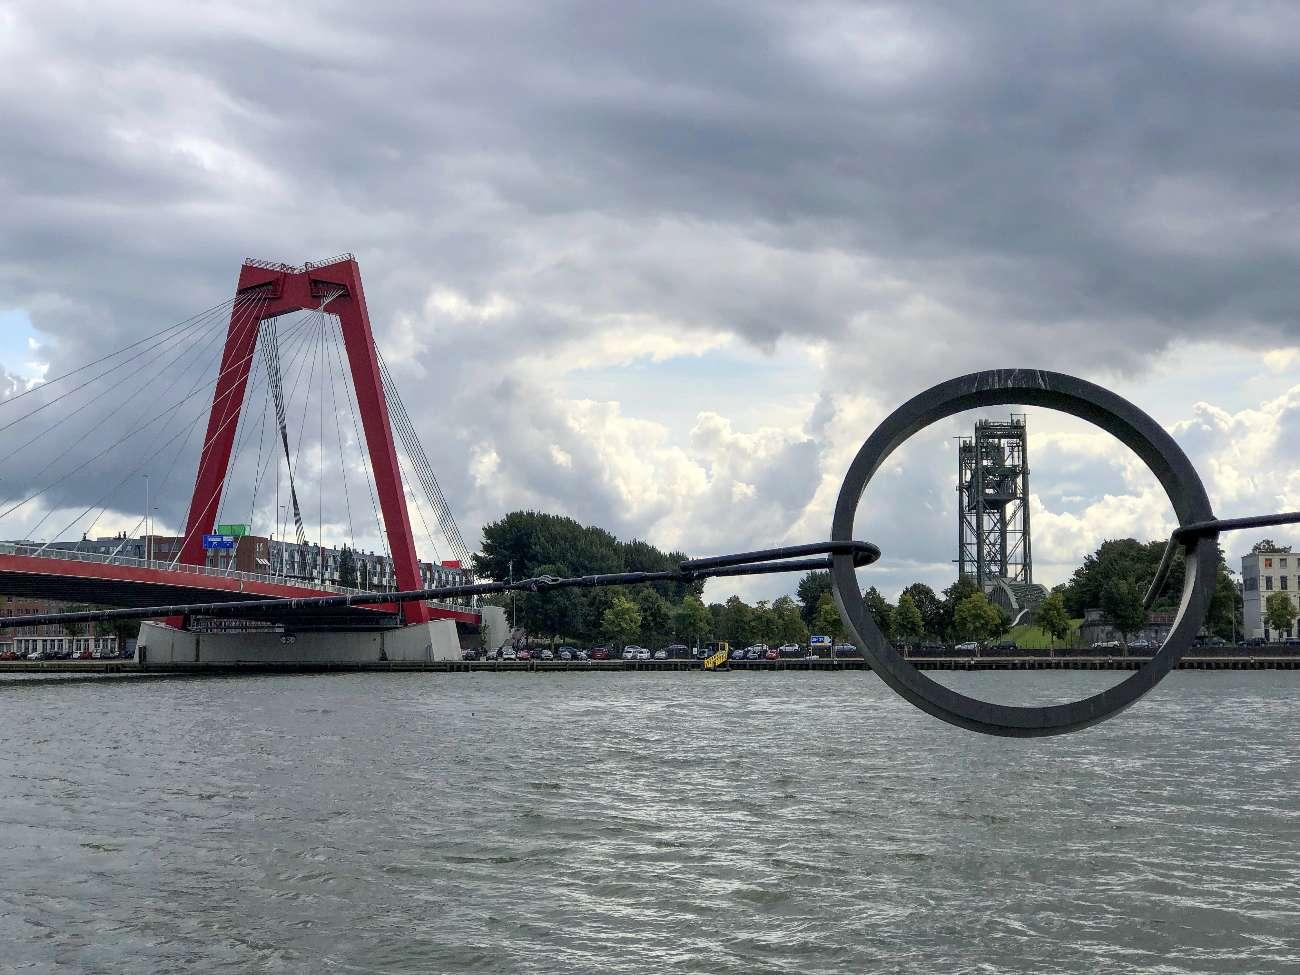 Die Hebebrücke De Hef und die Insel Noordereiland in Rotterdam.